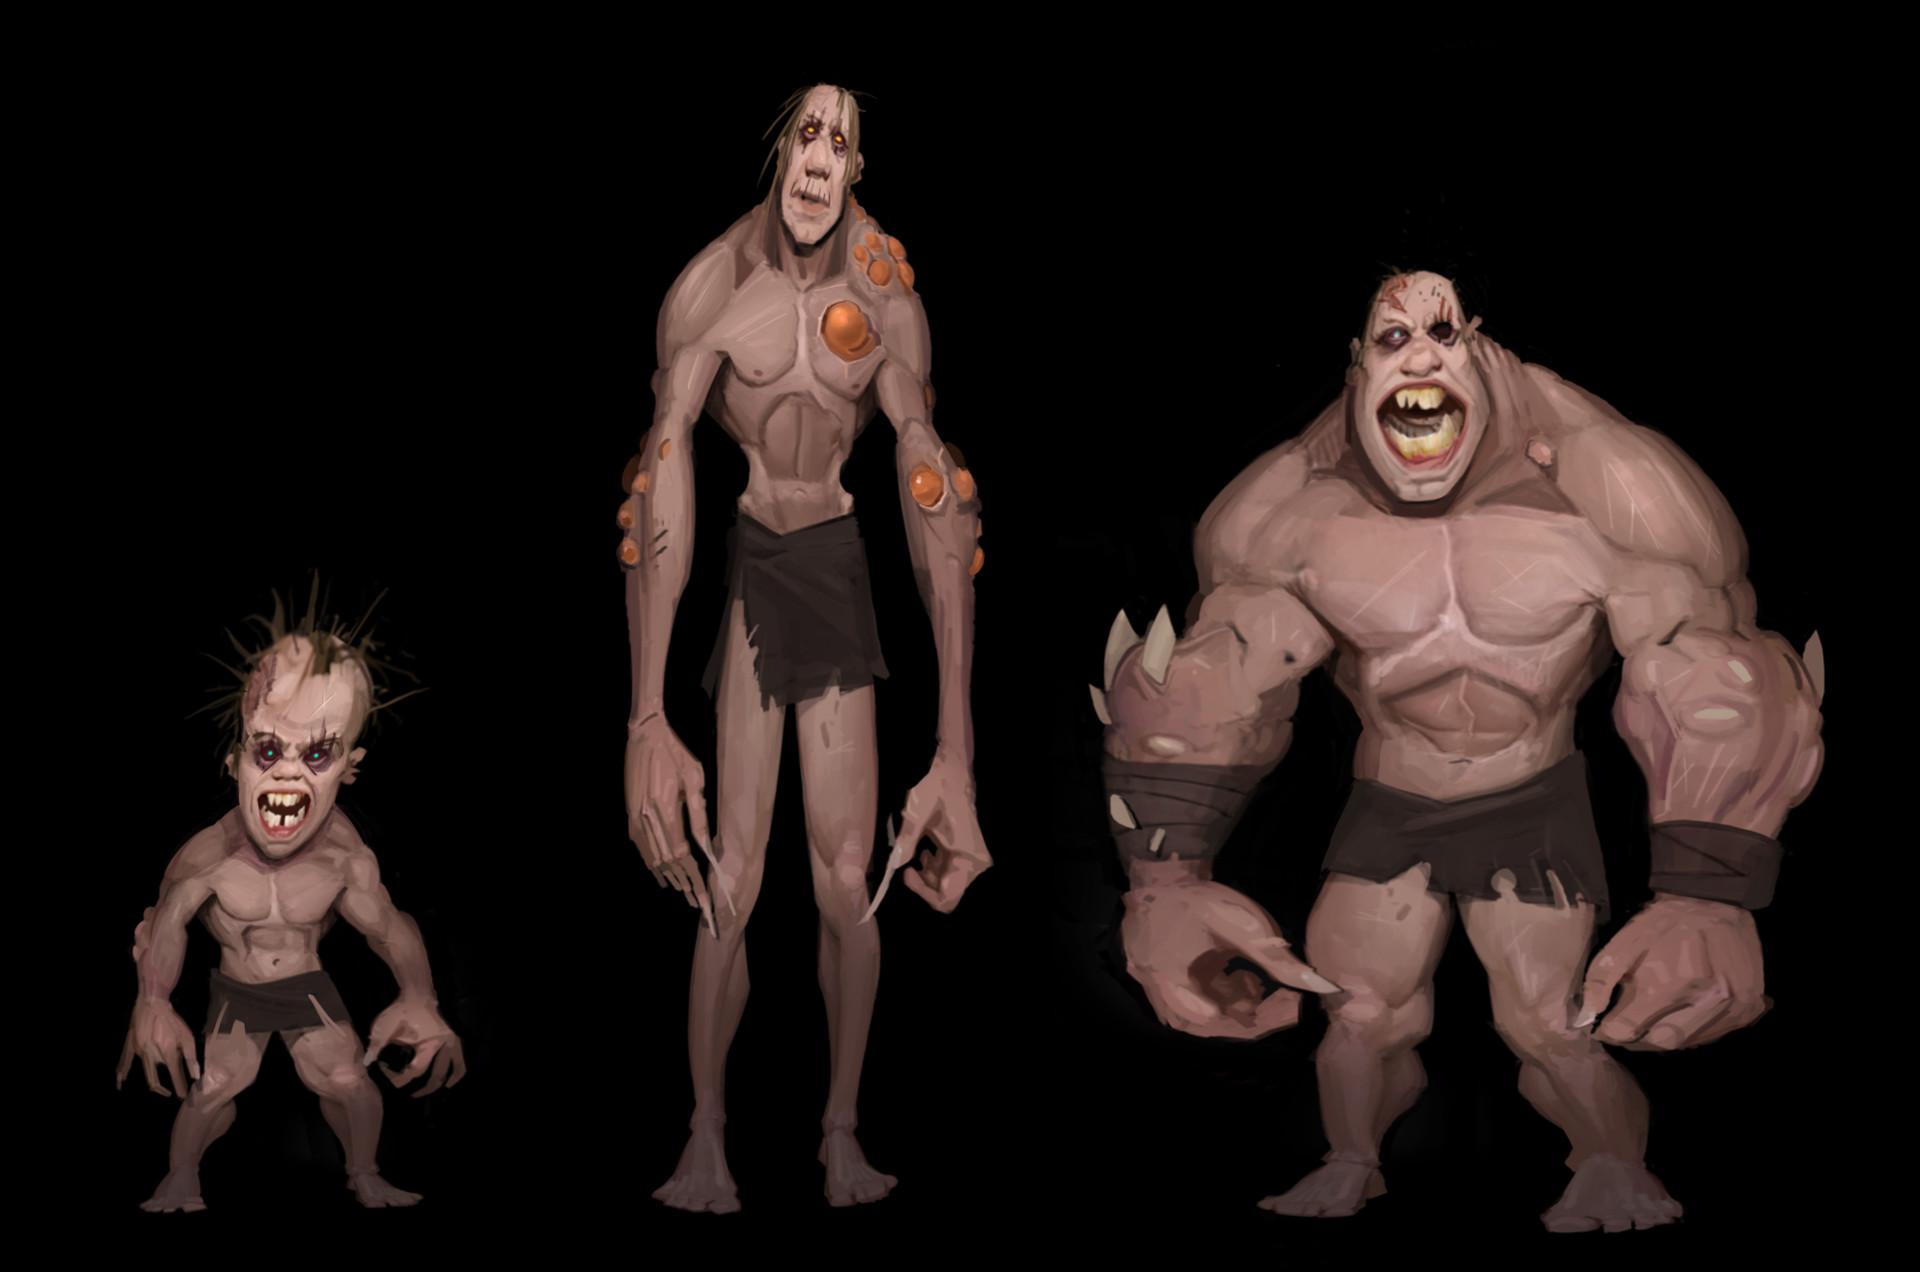 Drakhas oguzalp donduren ugly family